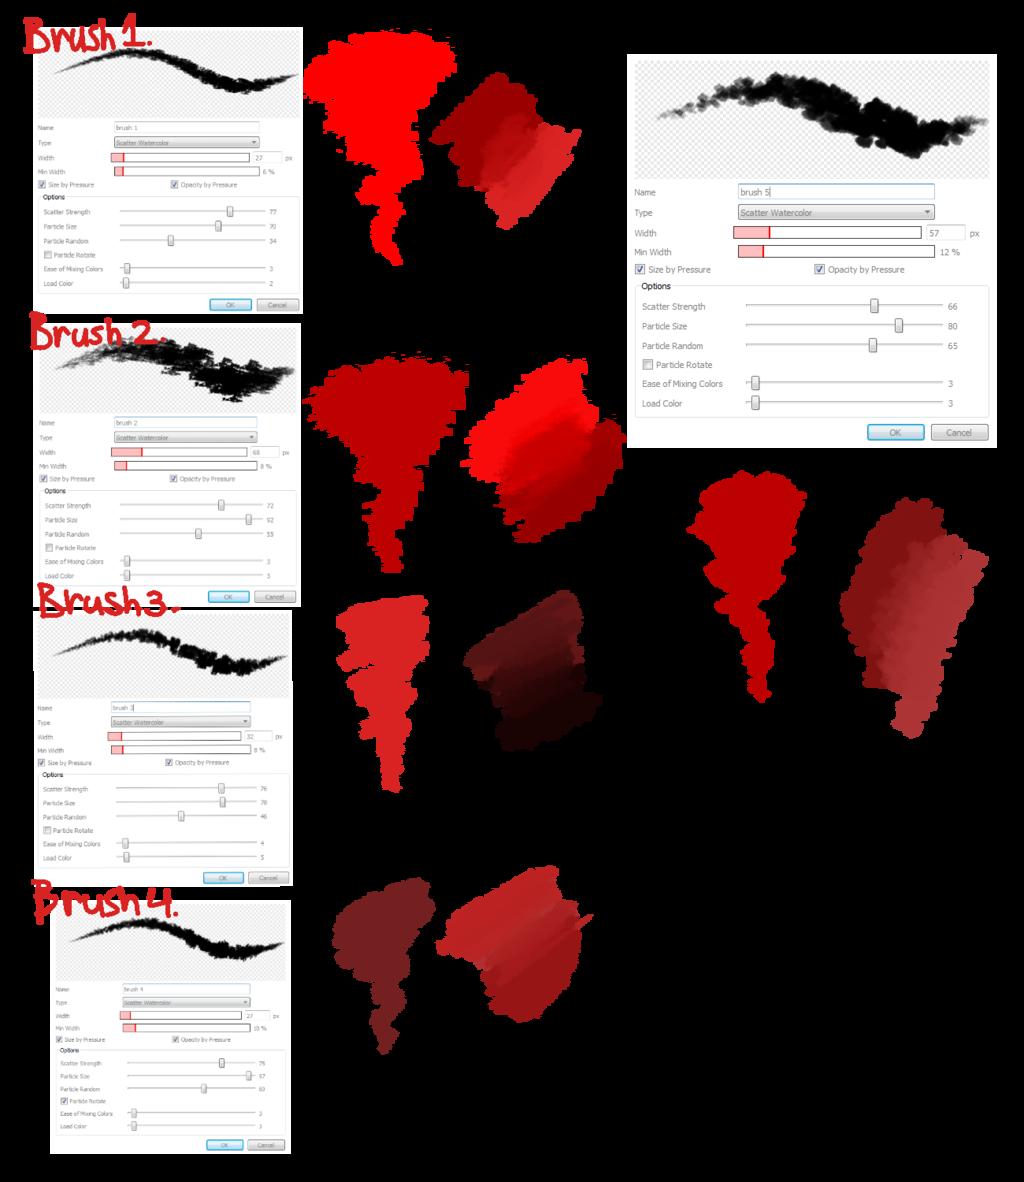 vector library stock brush settings by cheapkrabs